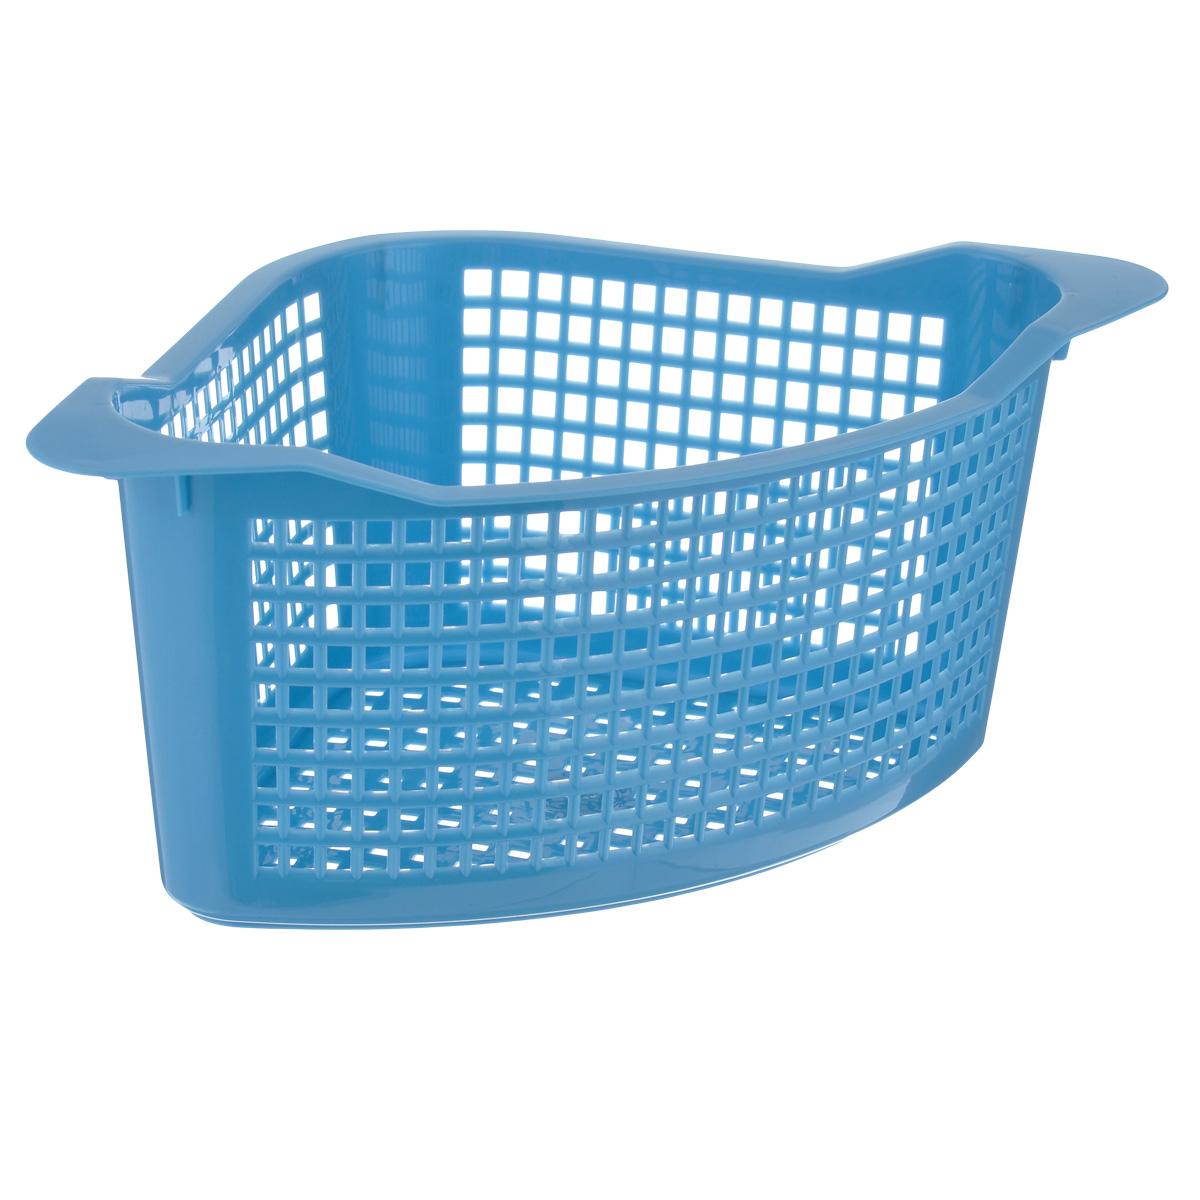 Корзина универсальная Econova, цвет: голубой, 29 см х 18,5 см х 12,5 смS03301004Угловая корзина Econova выполнена из пластика и оформлена по всей поверхности перфорацией. Изделие имеет жесткую кромку. Корзина предназначена для хранения мелочей в ванной, на кухне, на даче или в гараже. Позволяет хранить мелкие вещи, исключая возможность их потери.